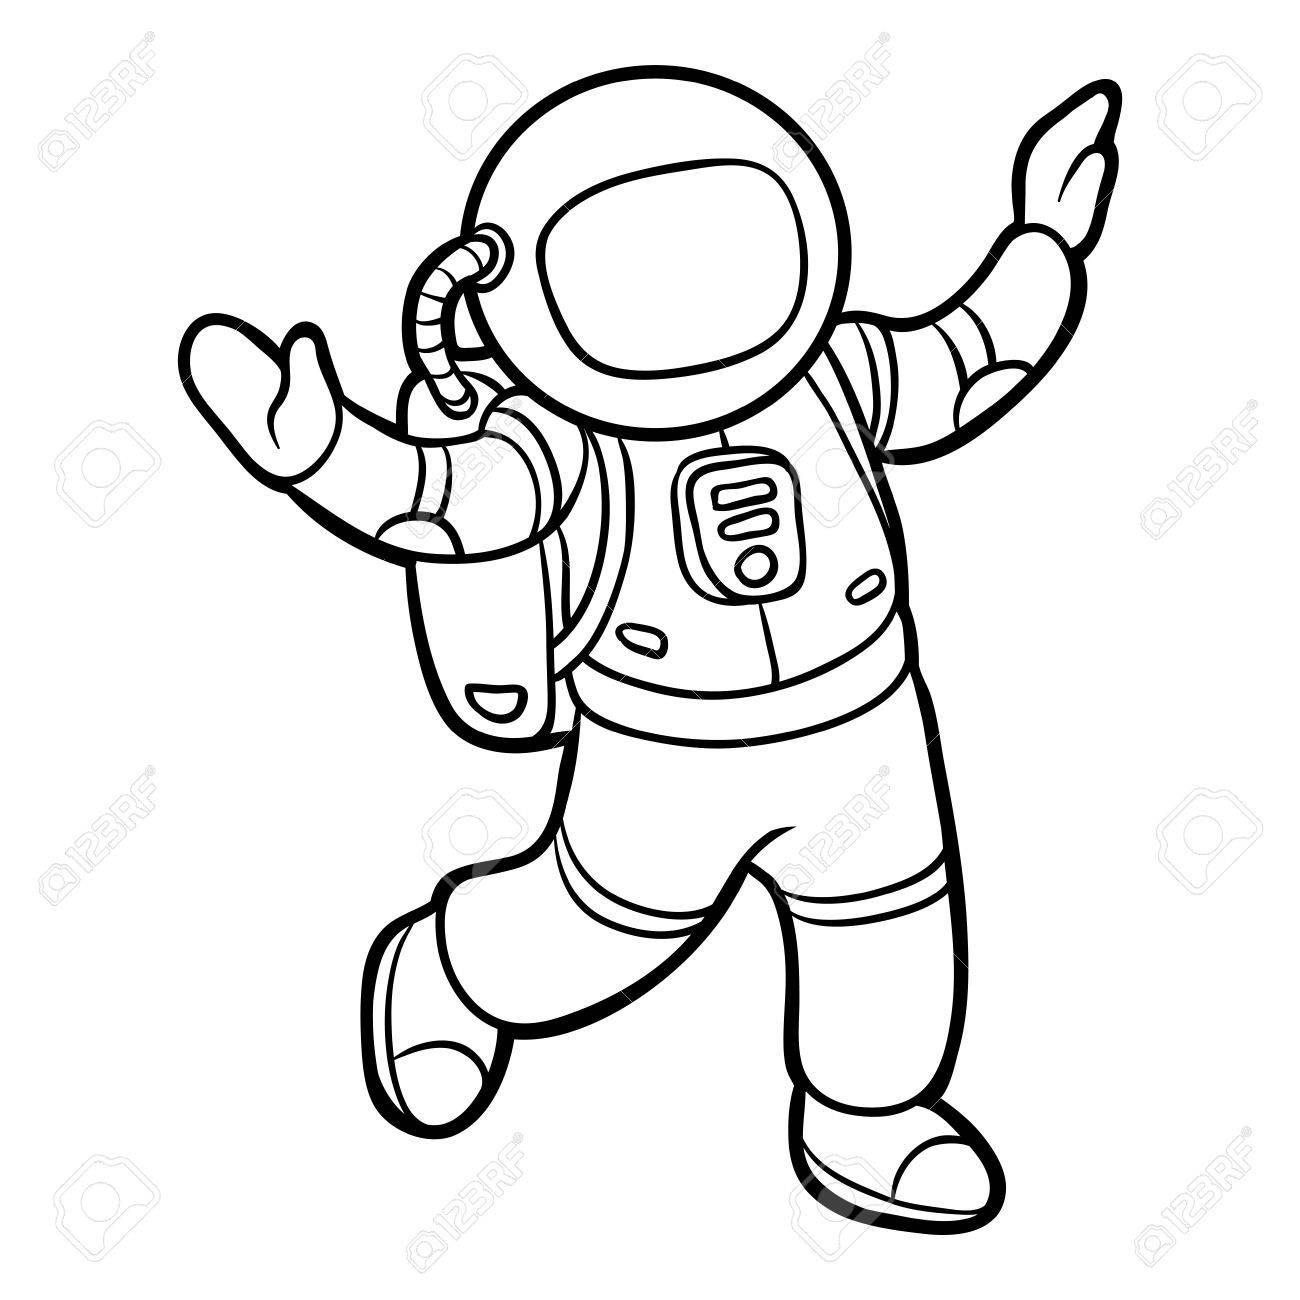 Dibujo Para Colorear Para Niños, Astronauta Ilustraciones